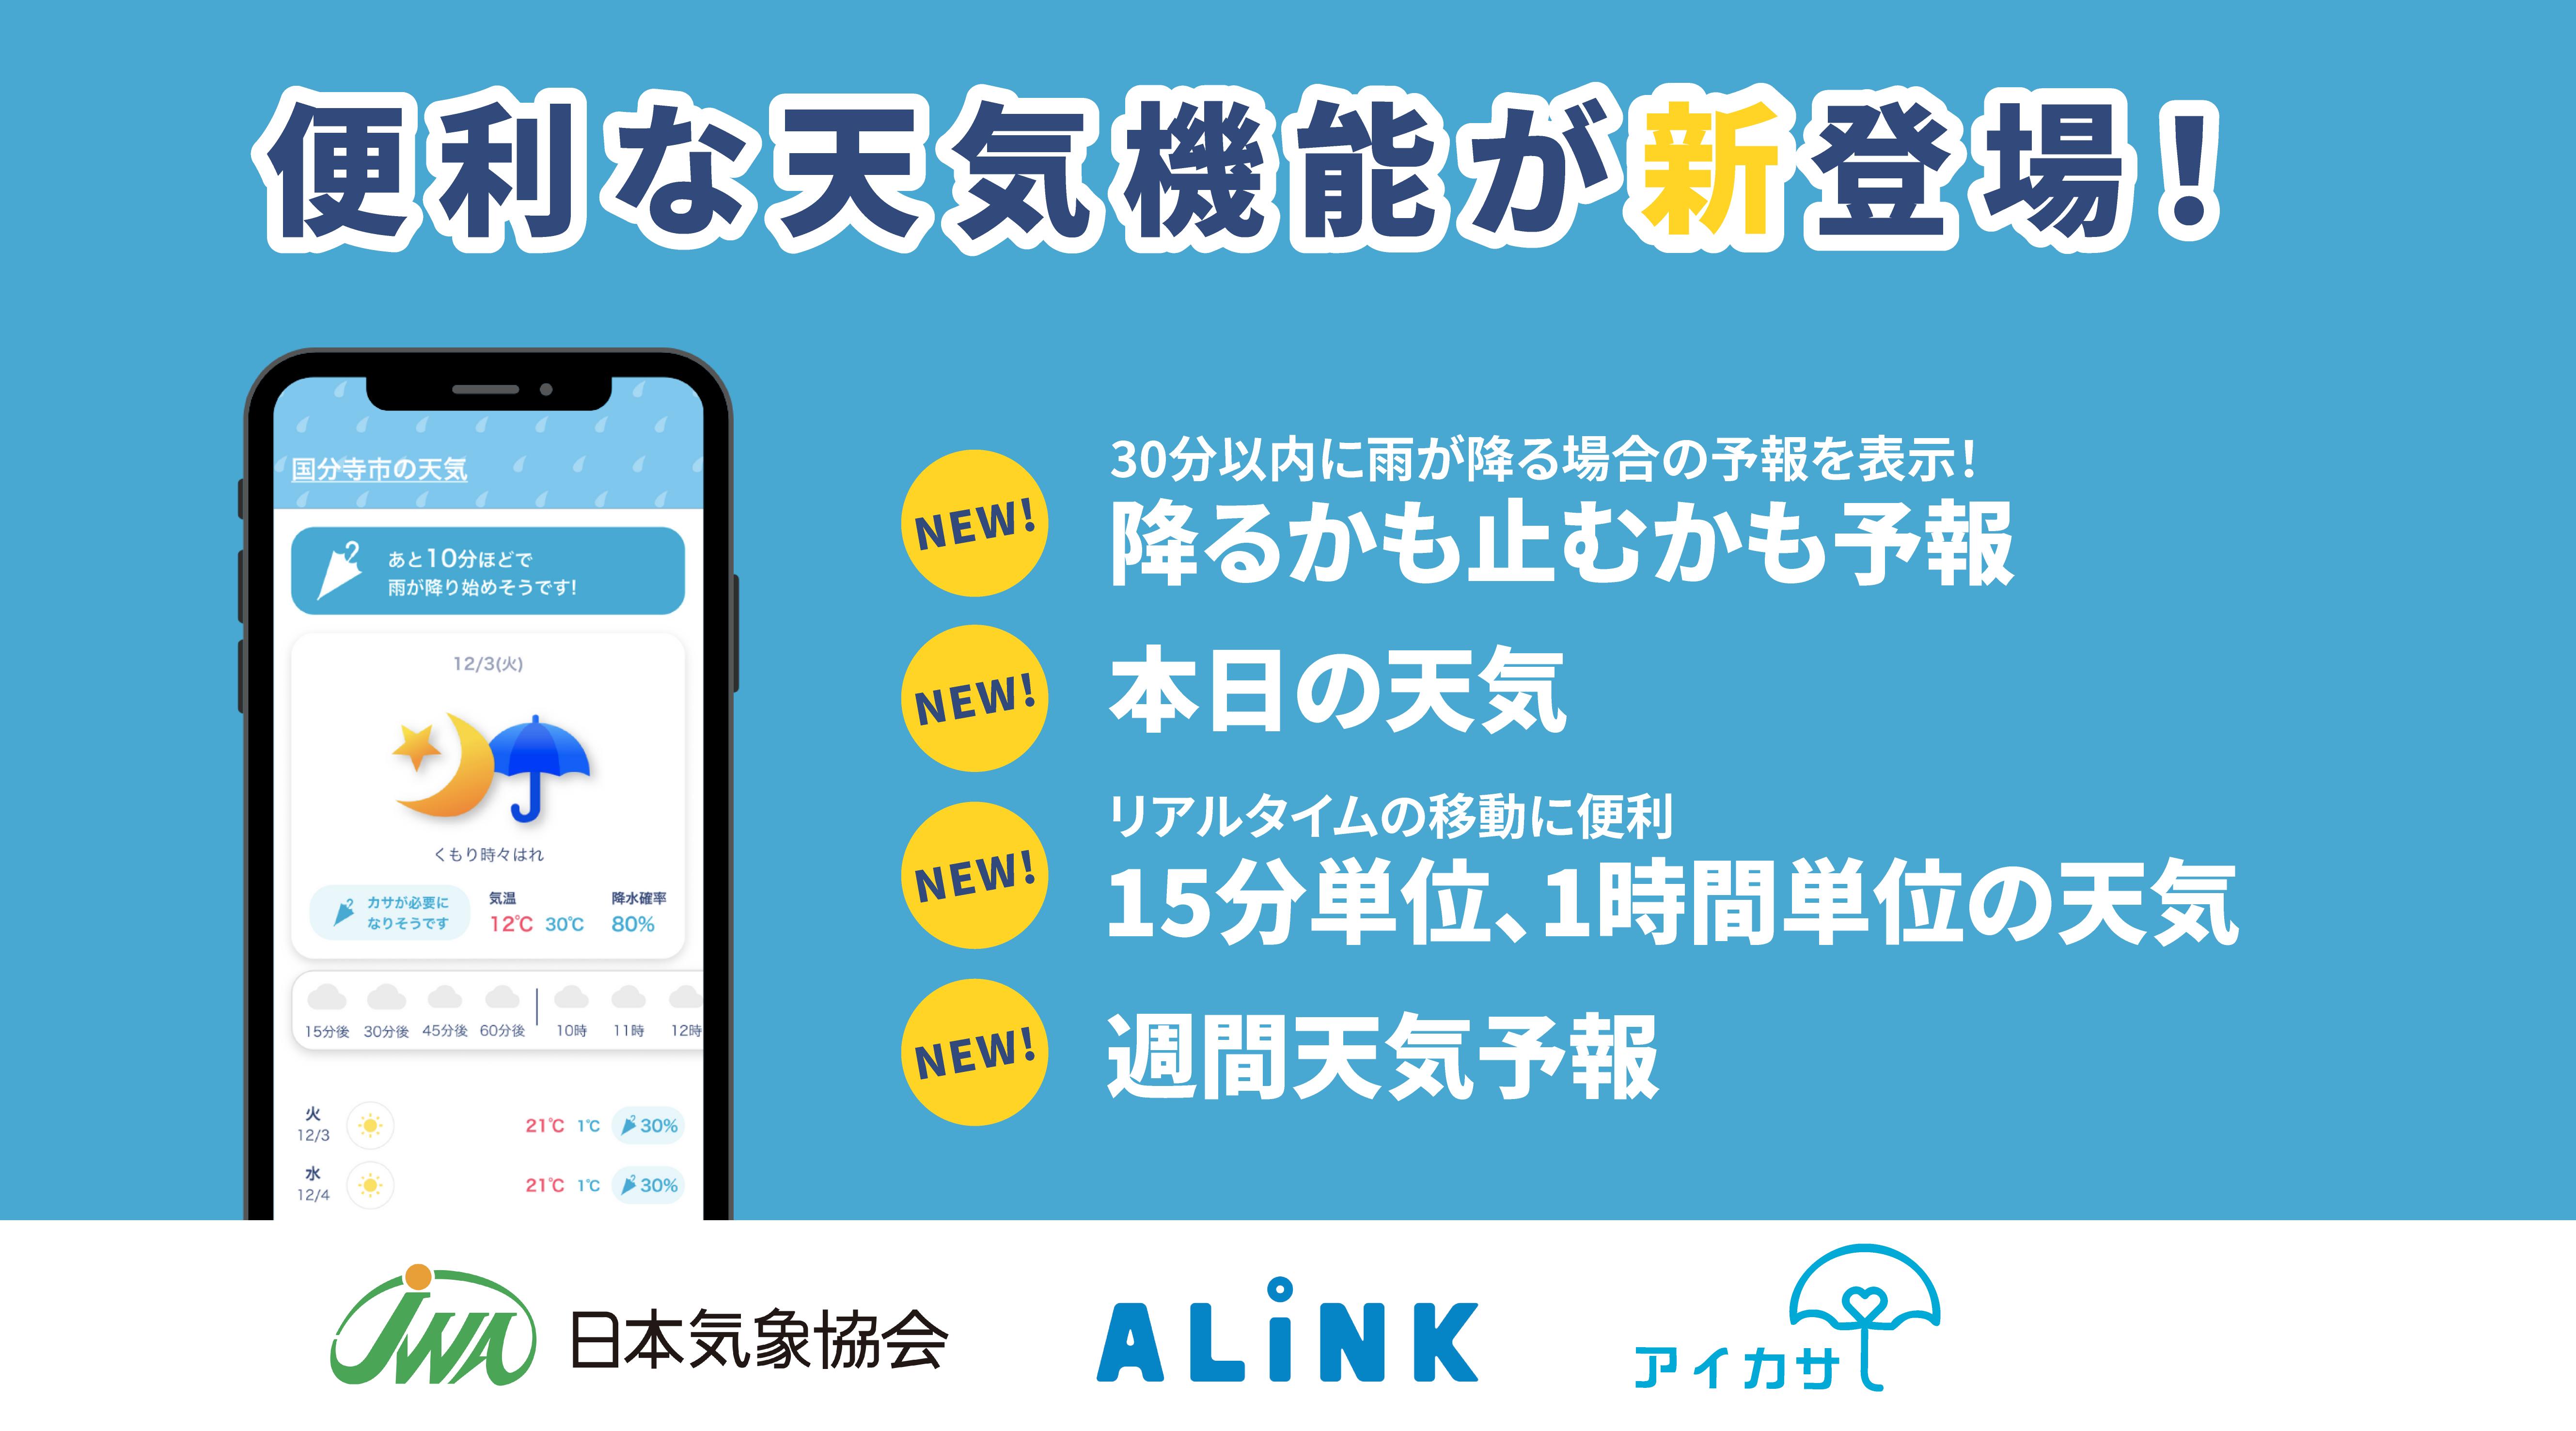 """傘シェア「アイカサ」アプリに新機能。""""天気予報機能""""で雨の日の問題をサポートし、より快適な毎日へ。 画像"""